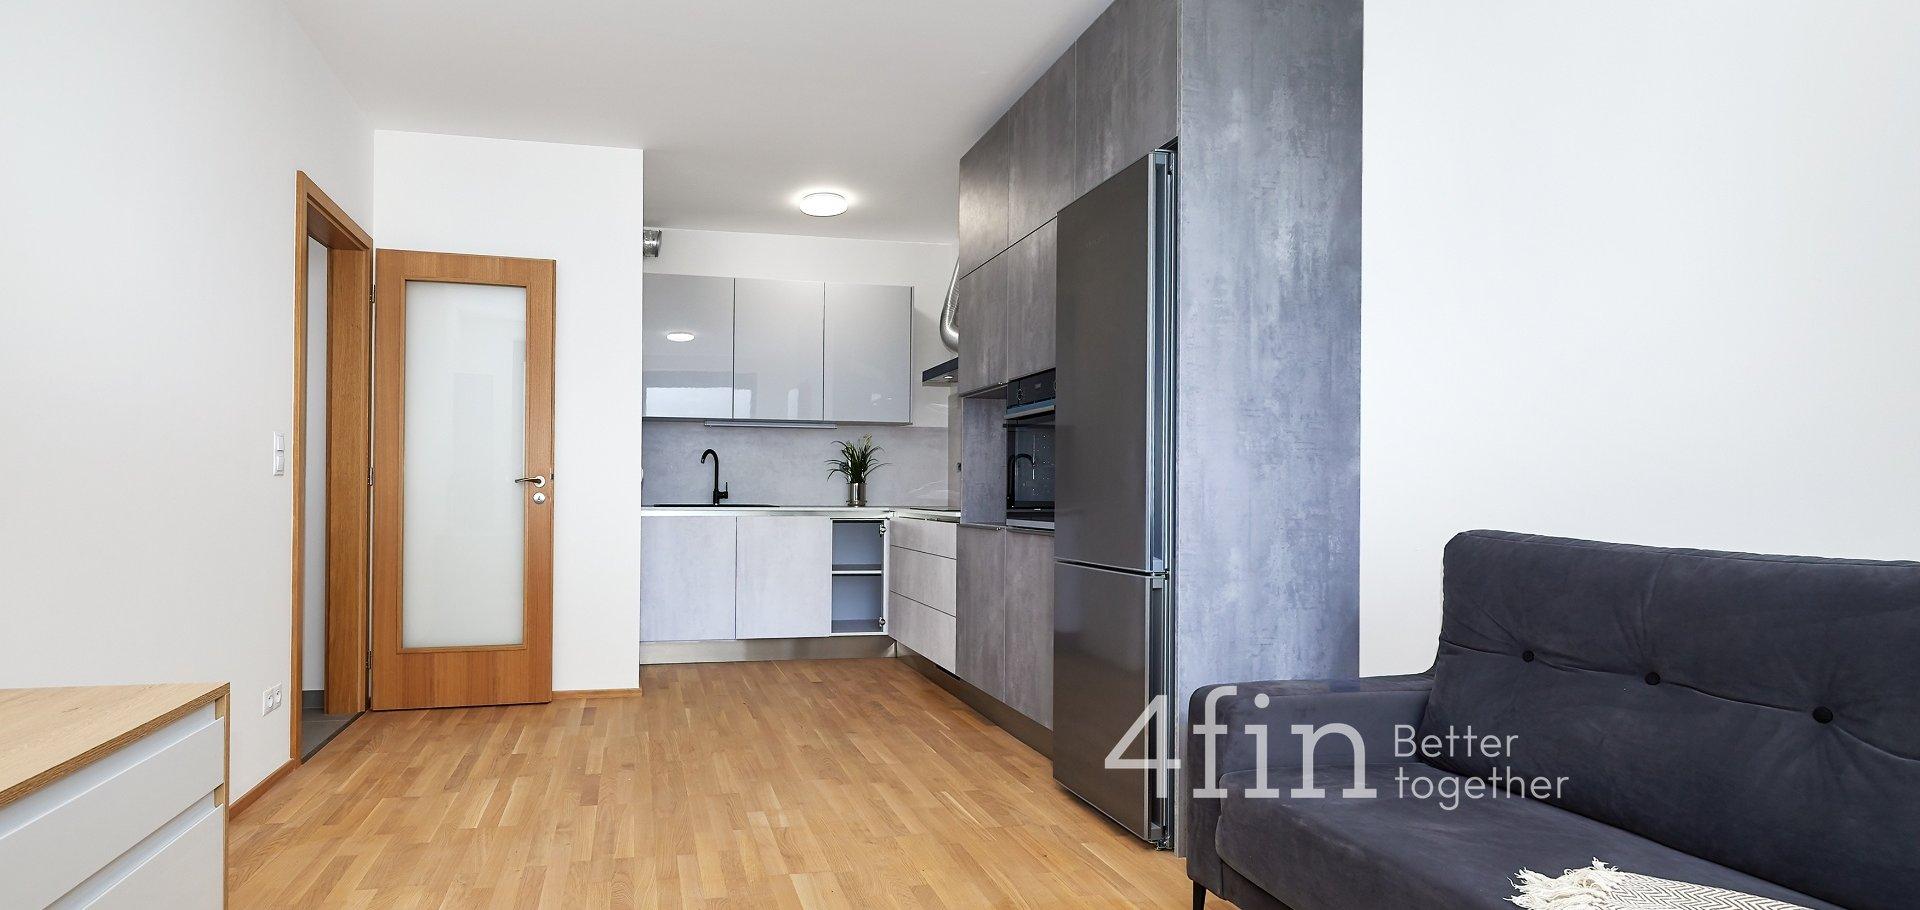 Pronájem bytu 3+kk s lodžií, 76m² - Praha - Holešovice